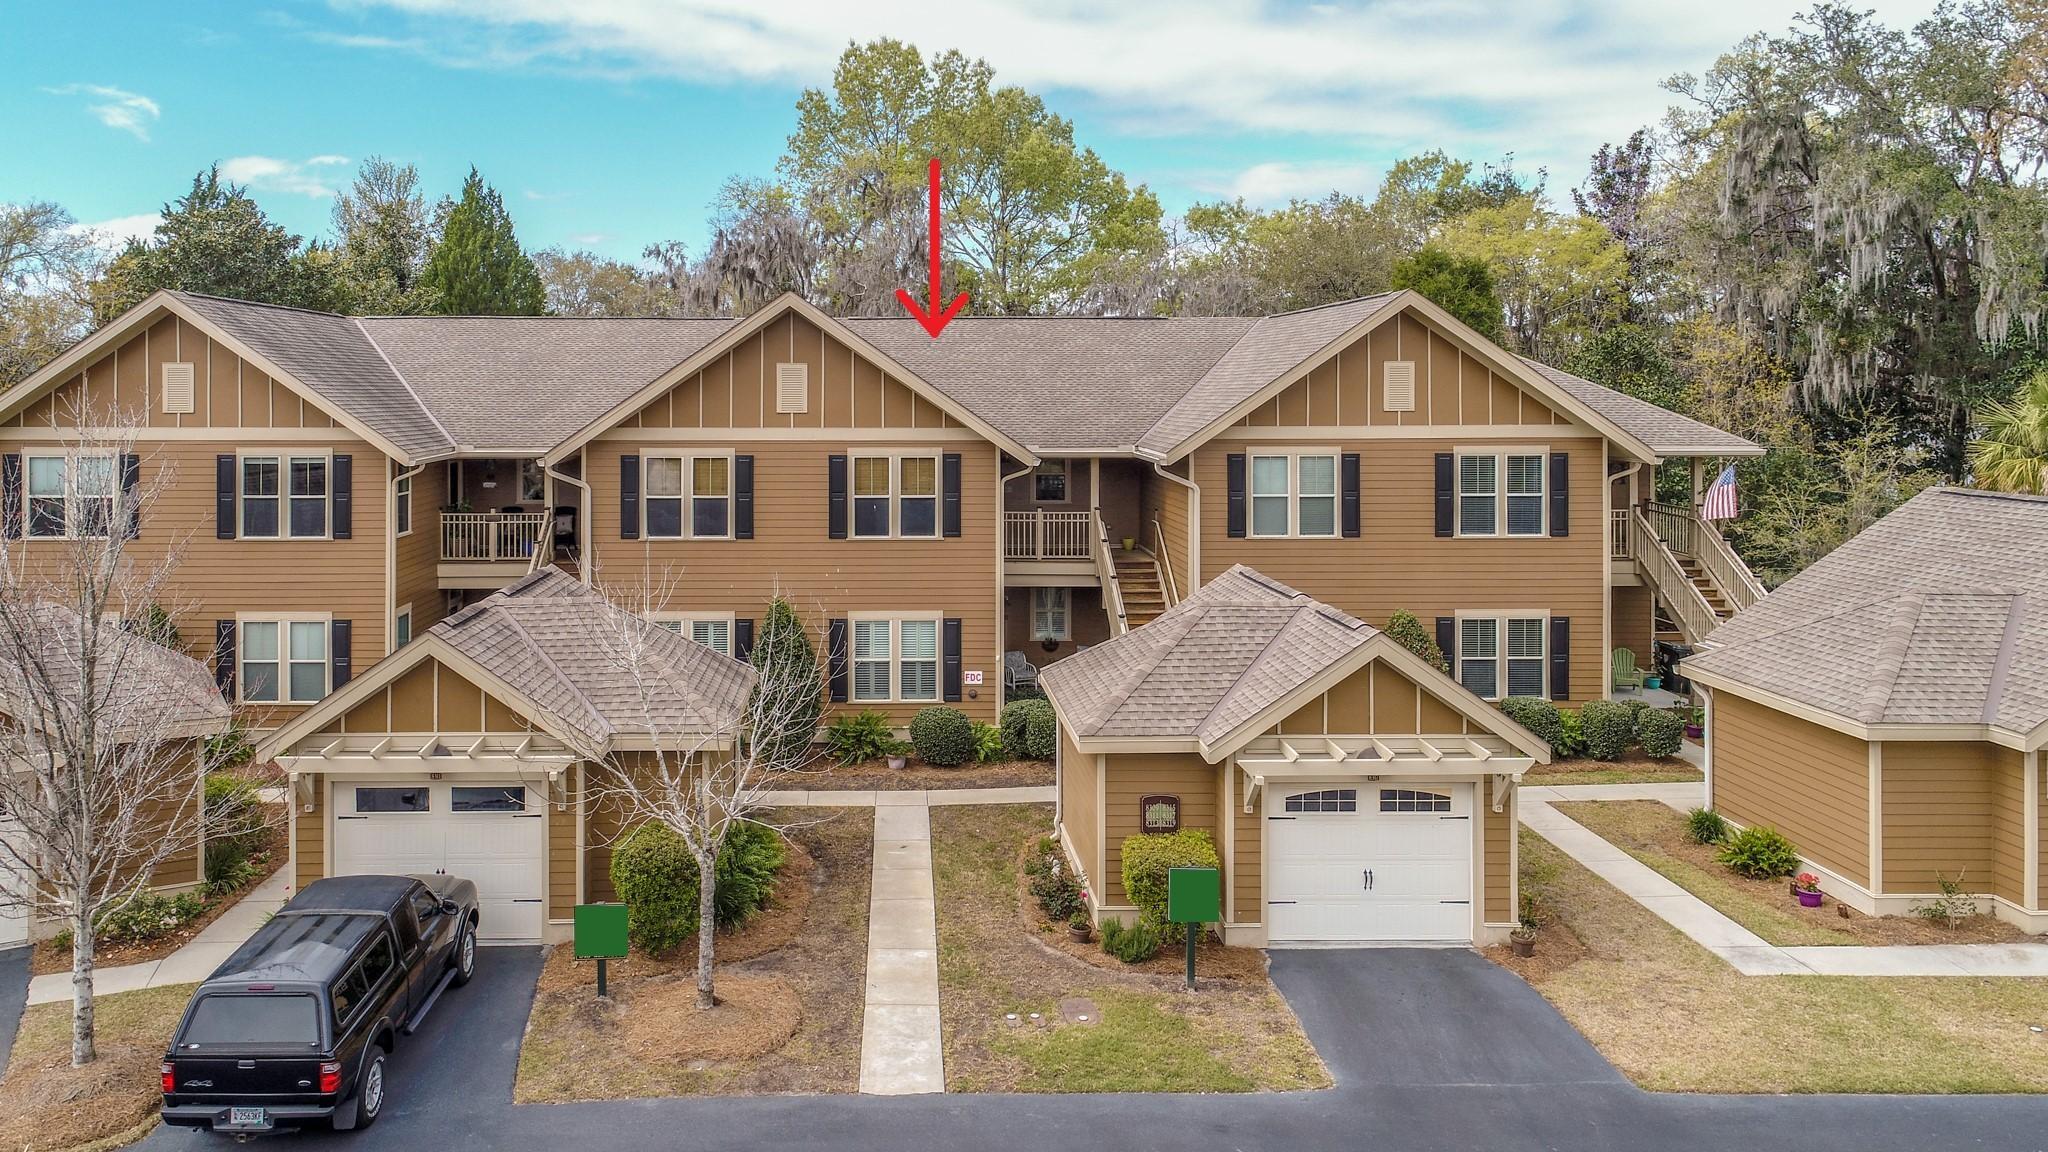 8317 Childs Cove Circle North Charleston, SC 29418